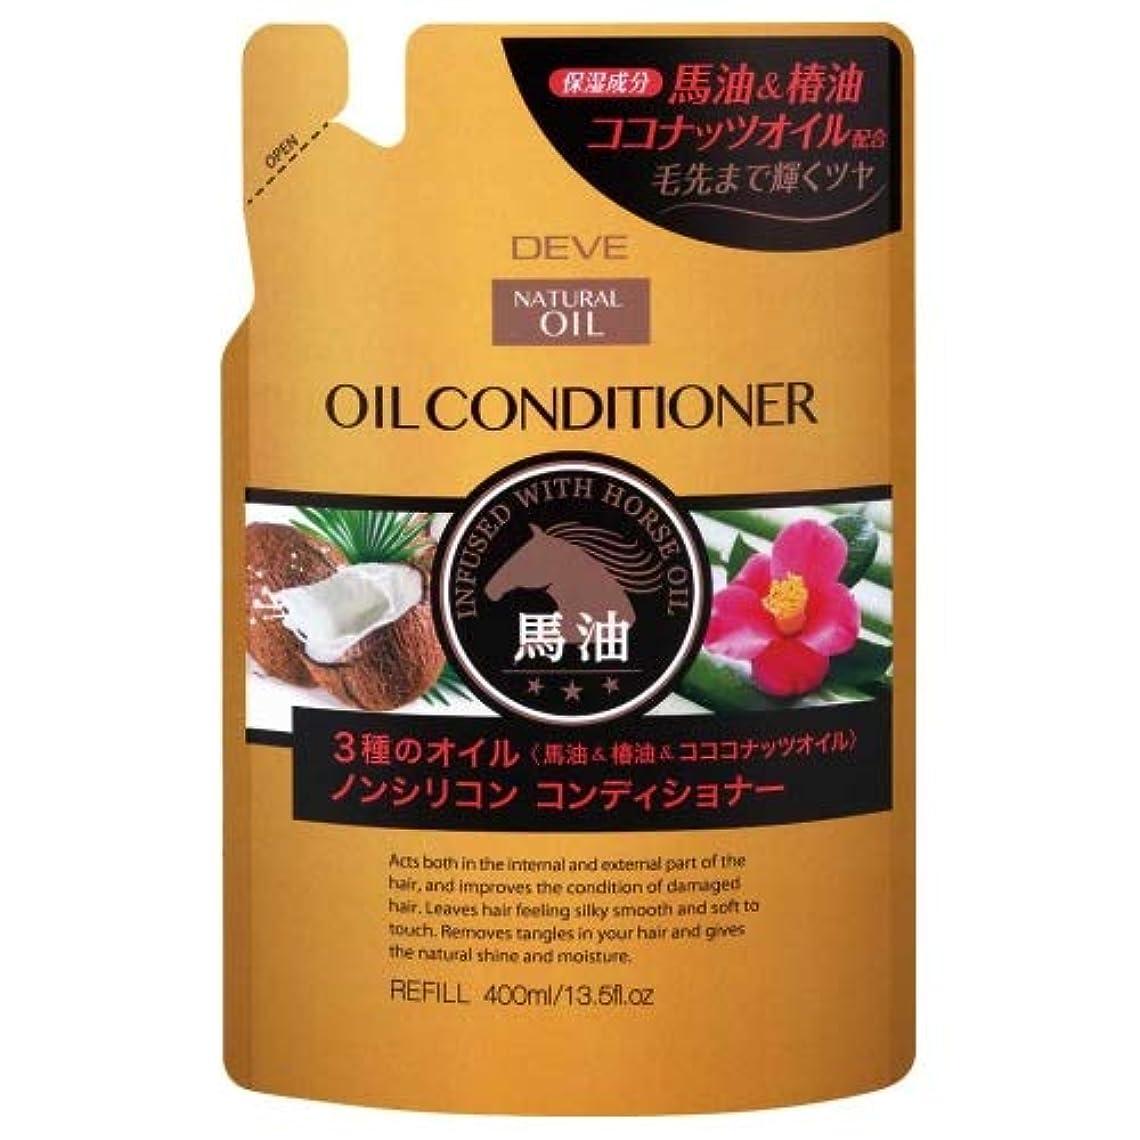 トランジスタ令状豊富熊野油脂 ディブ 3種のオイル コンディショナー(馬油?椿油?ココナッツオイル) 400ml